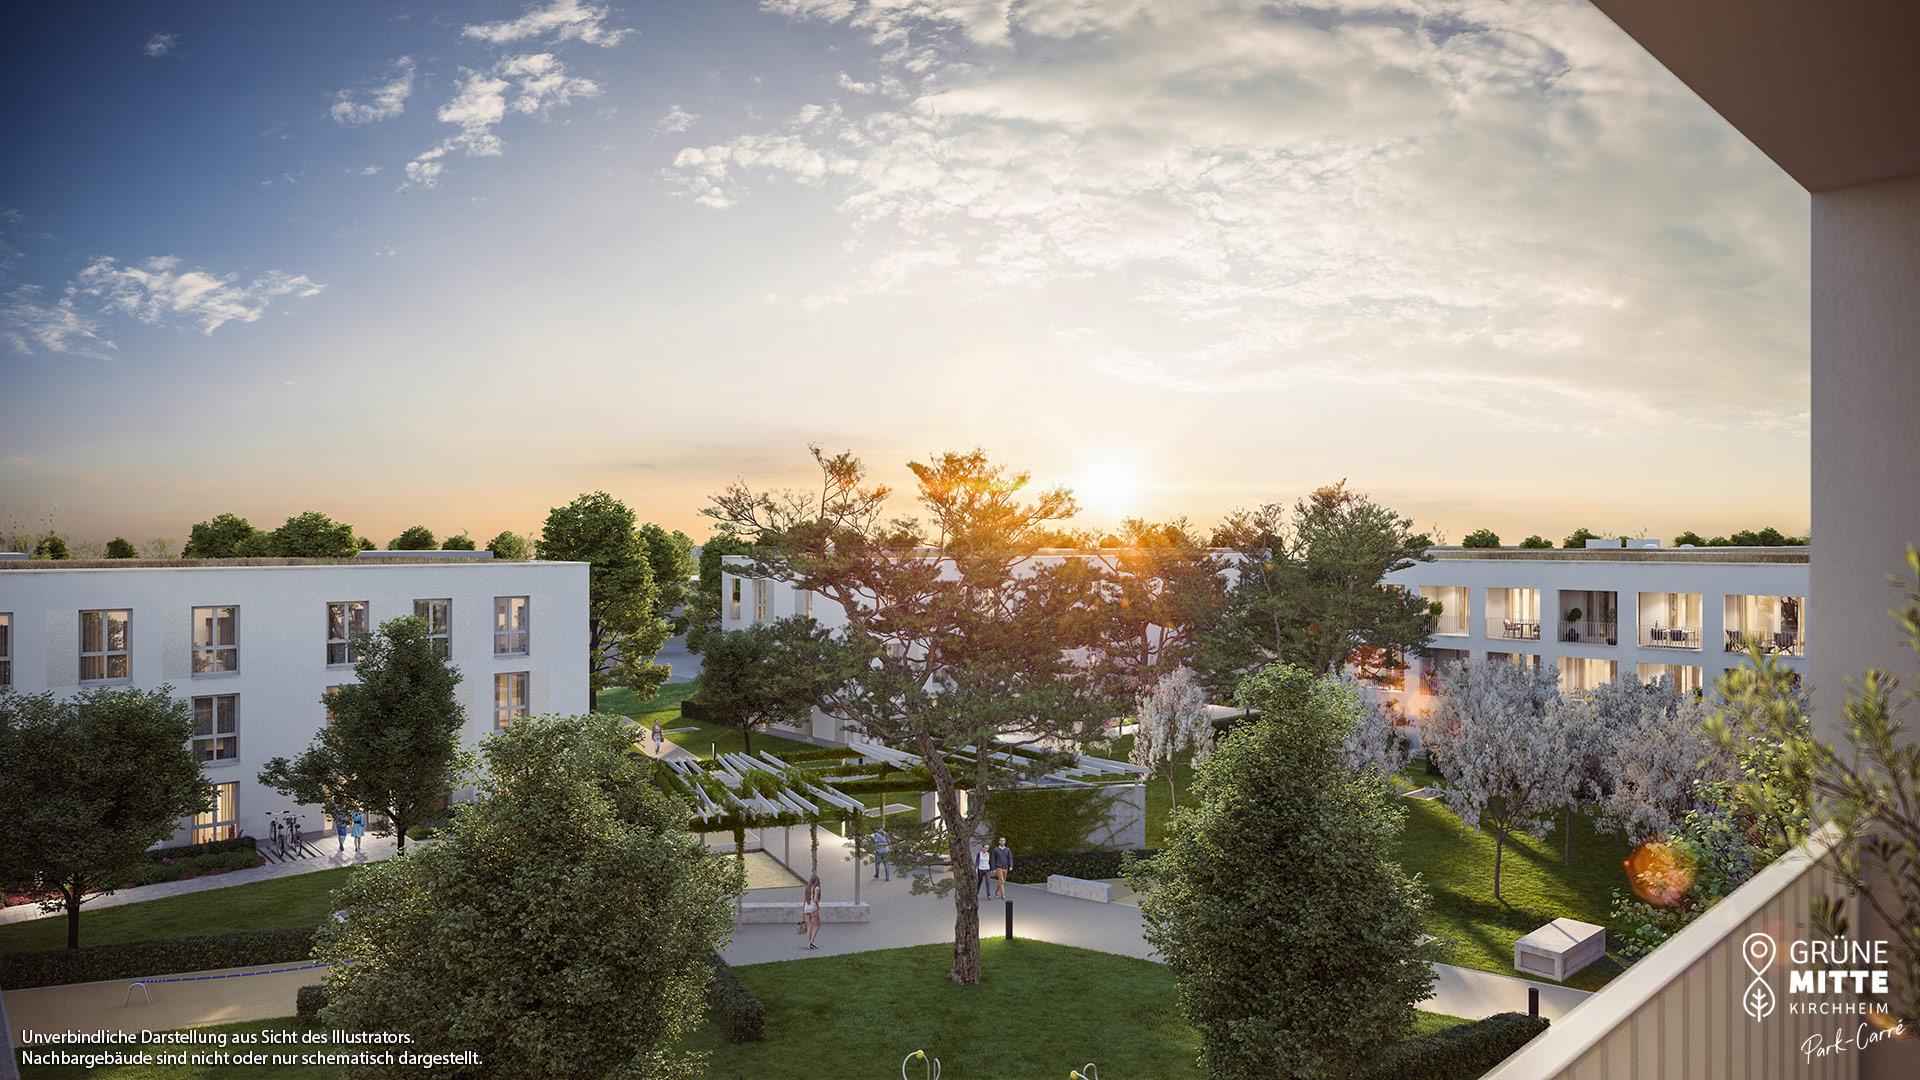 Eigentumswohnungen Kirchheim bei München: Grüne Mitte Kirchheim - Park-Carré - Illustration 4